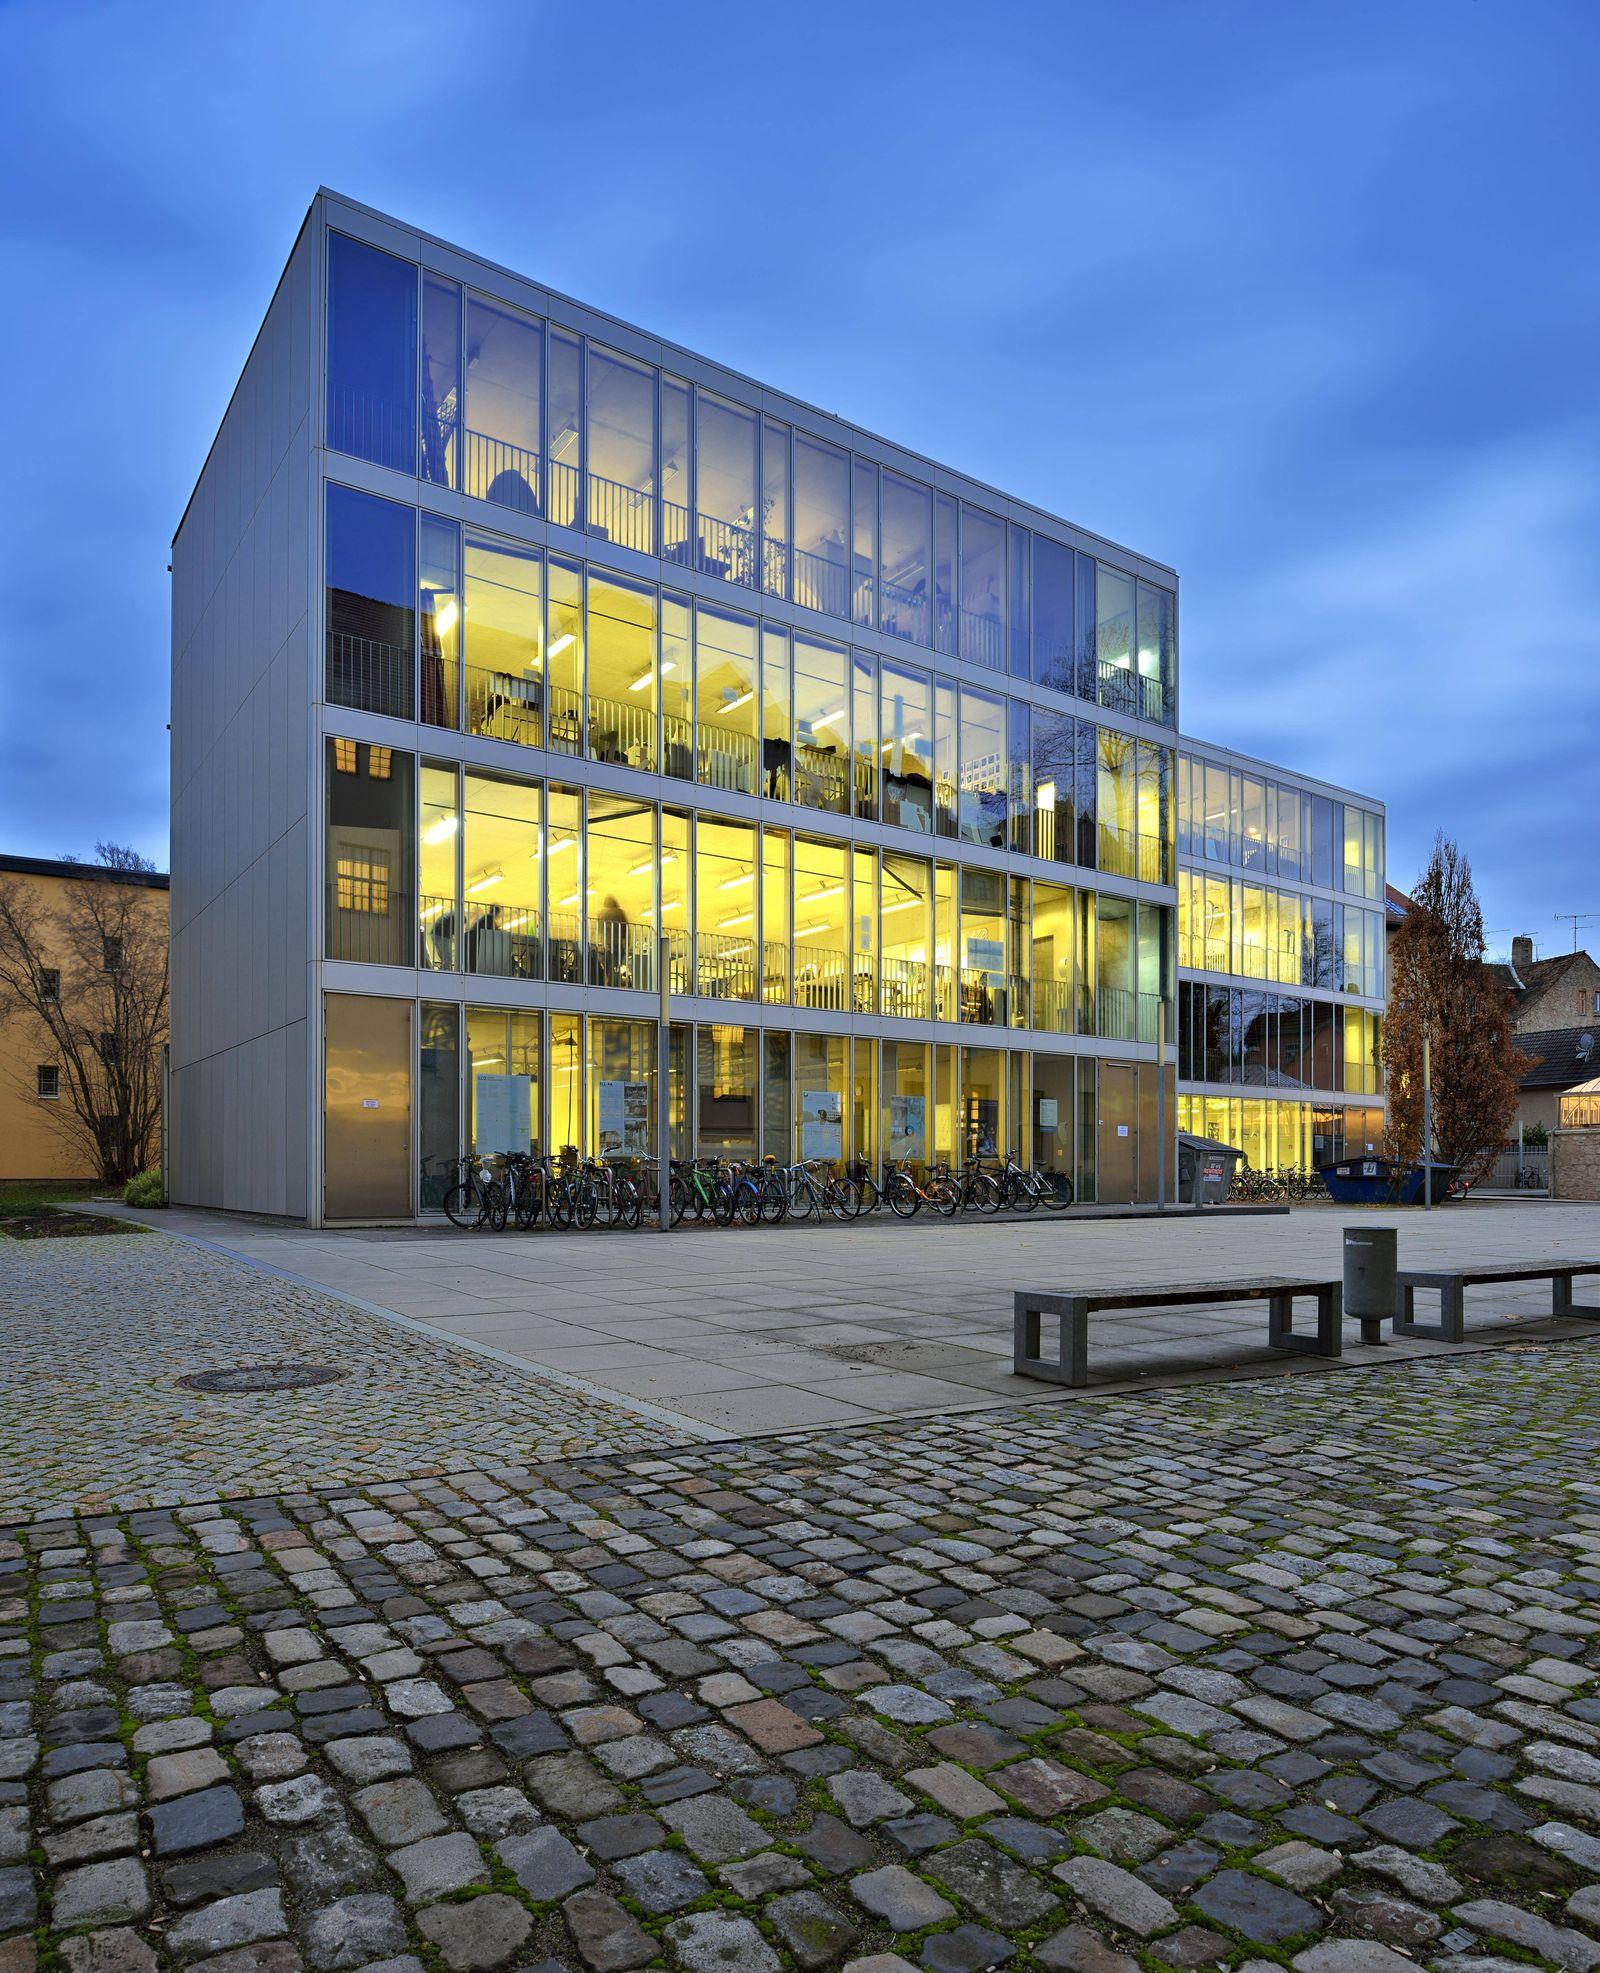 Bauhaus Universität Weimar Glaskuben Dämmerung Weimar Thüringen Deutschland Europa *** Bauhaus